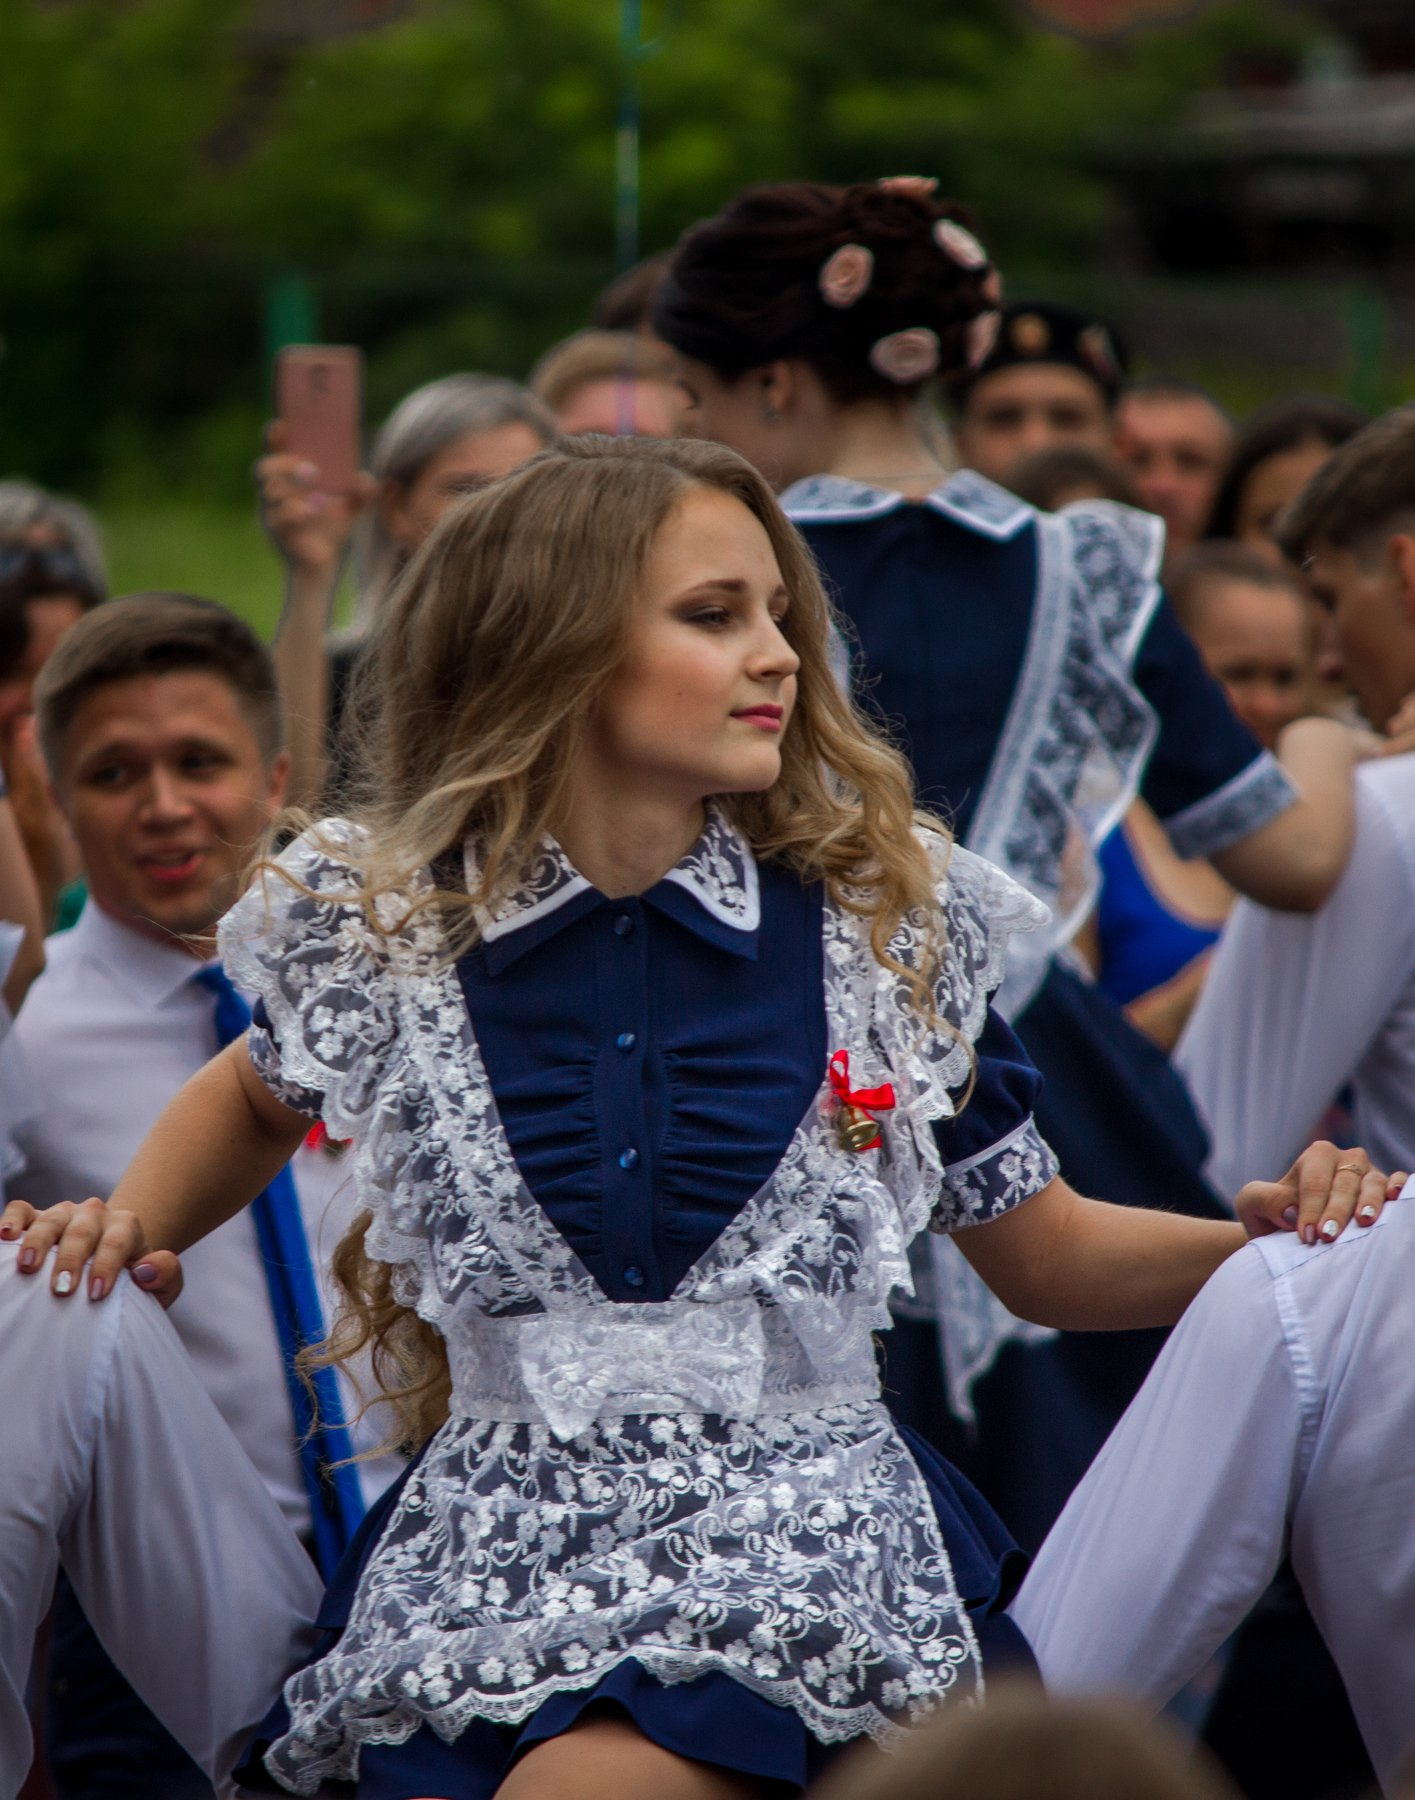 последний звонок, школа, школьники, ученики, девочки, танцы, Руслан Востриков